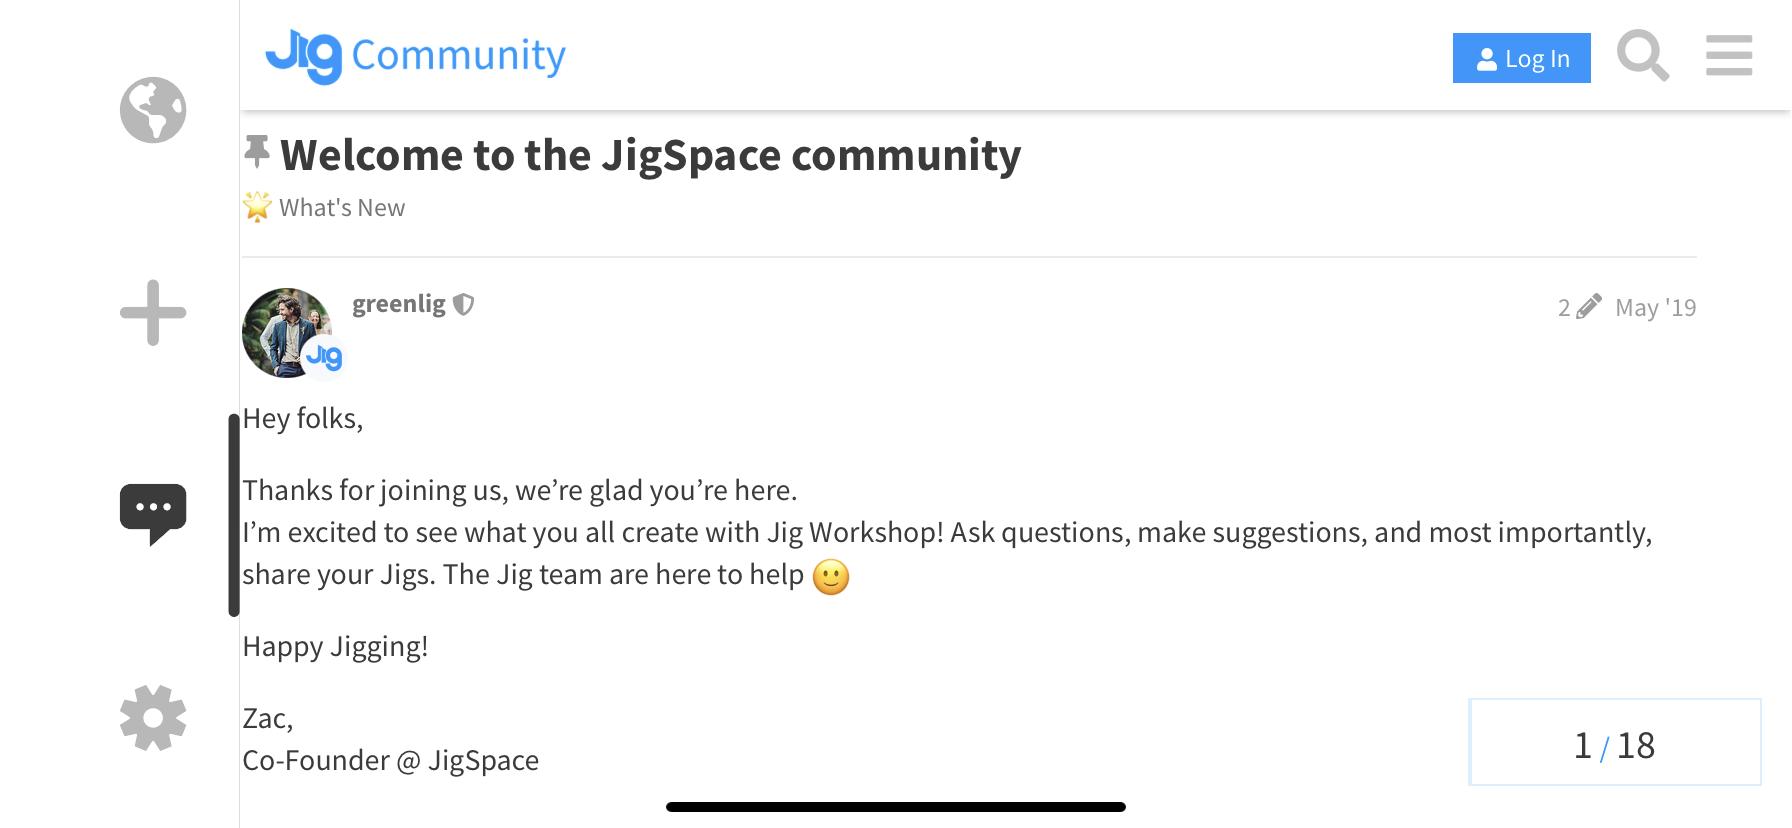 Zac's message in Jig Community